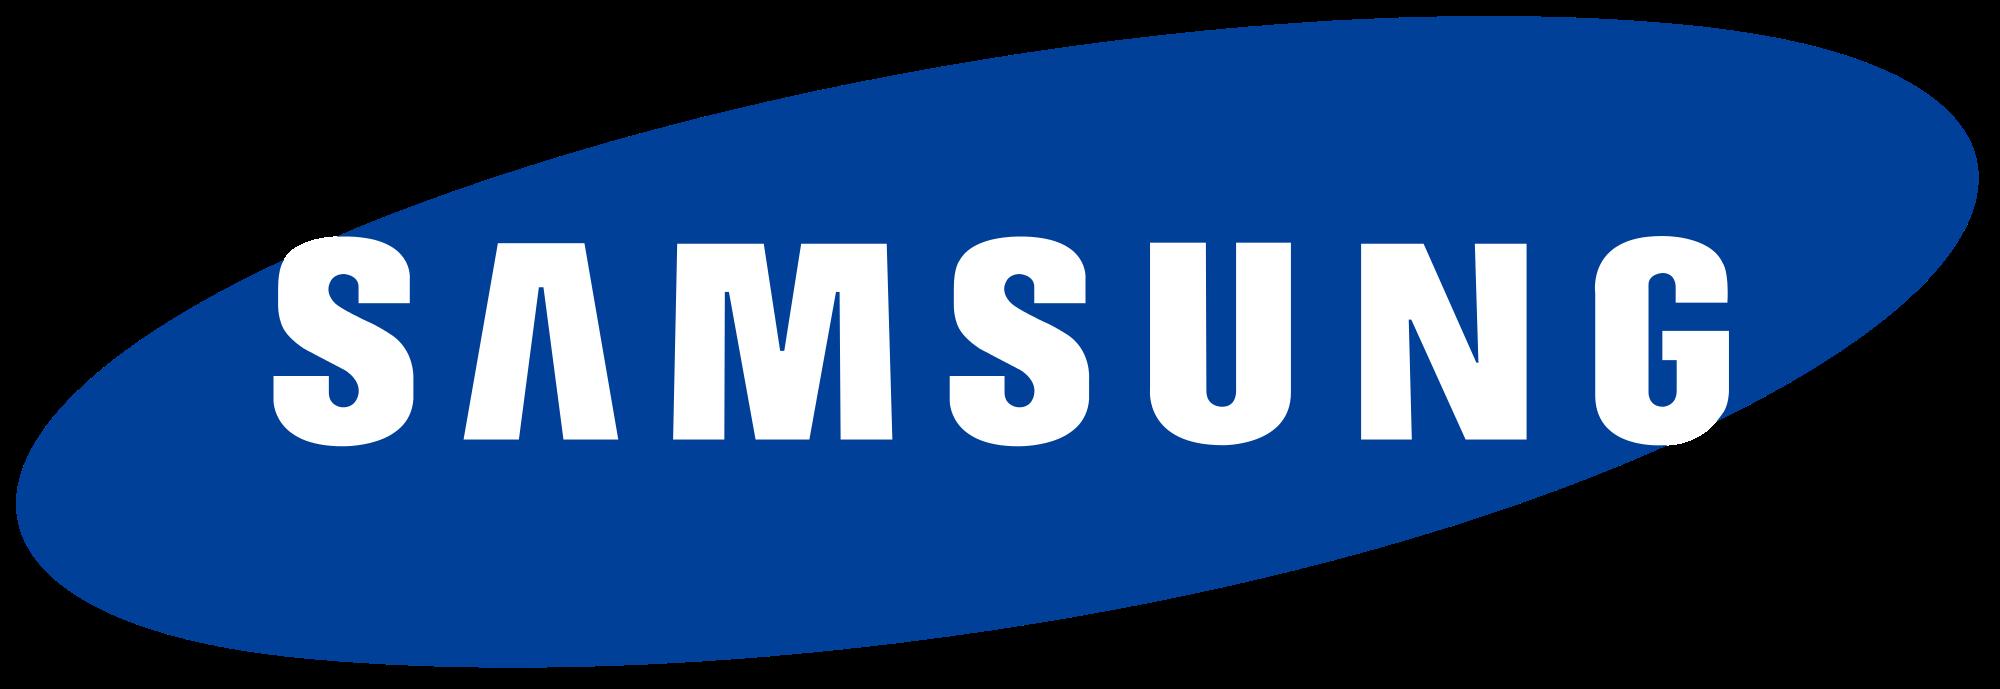 Original Samsung logo 1294 Free Transparent PNG Logos